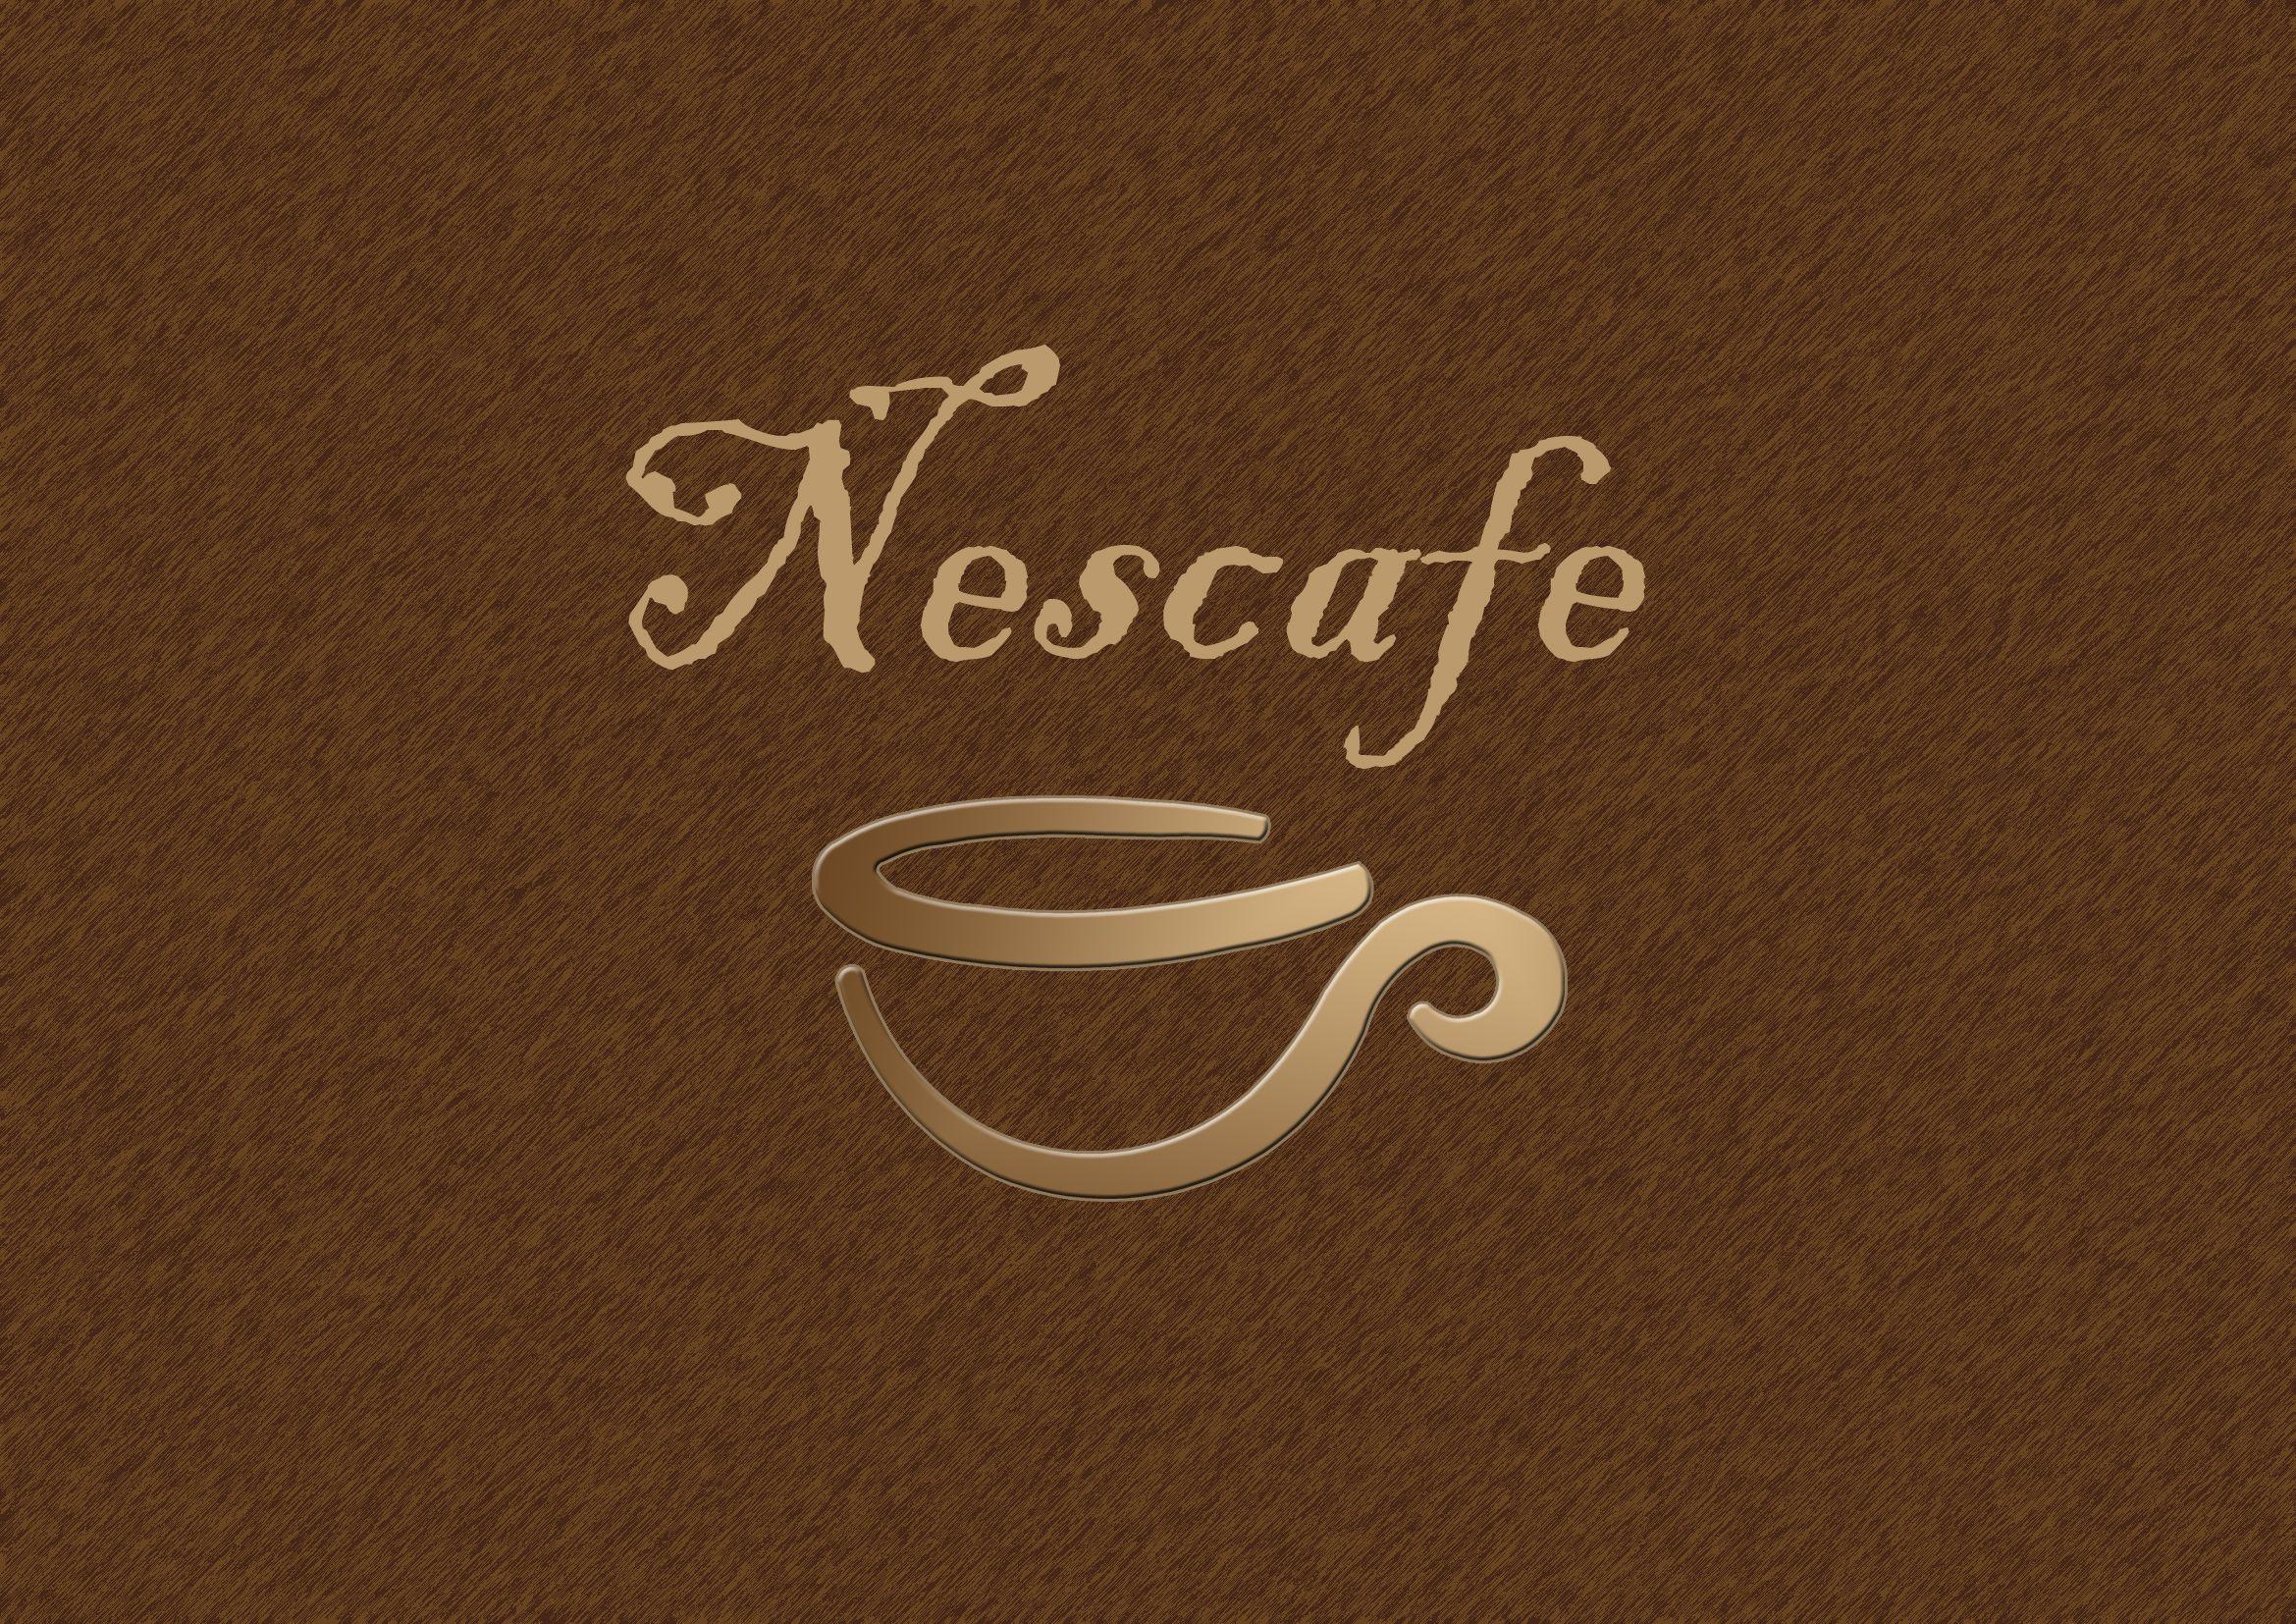 Logo redesign : Nescafe